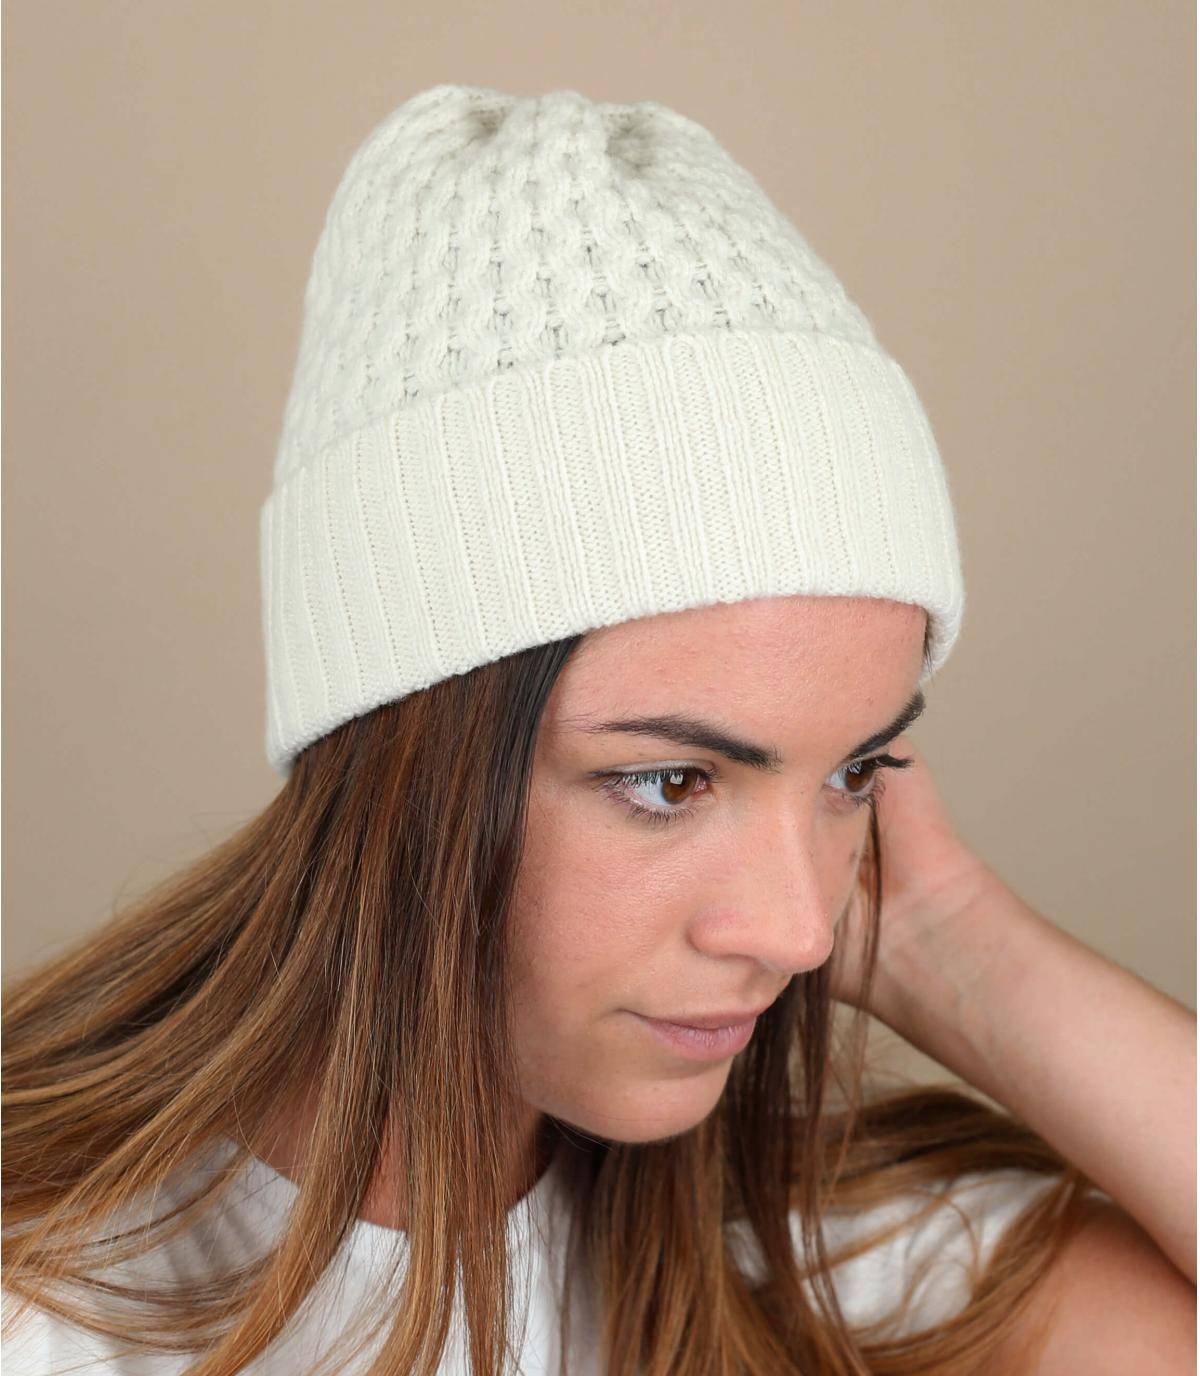 Este precioso gorro con puño de lana de cordero en color crudo aporta un confort cálido y suave y un tono brillante a tus conjuntos de invierno. Una prenda indispensable de cara al frío, fabricada en Escocia.